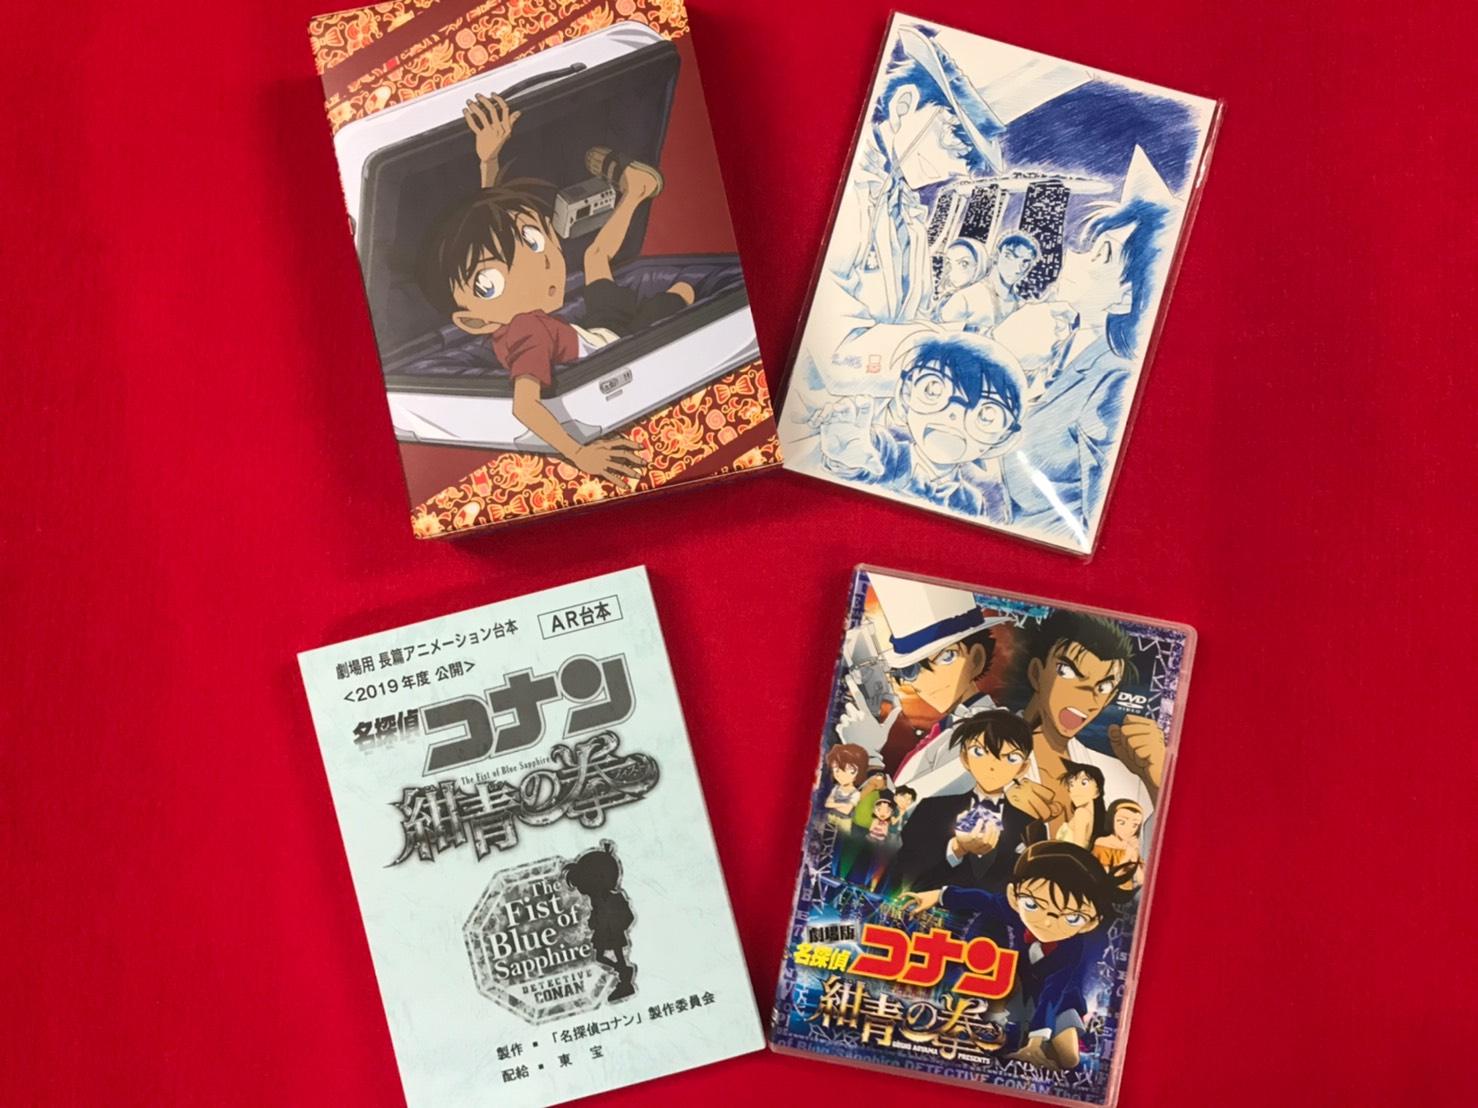 コナン 紺青 の 拳 dvd